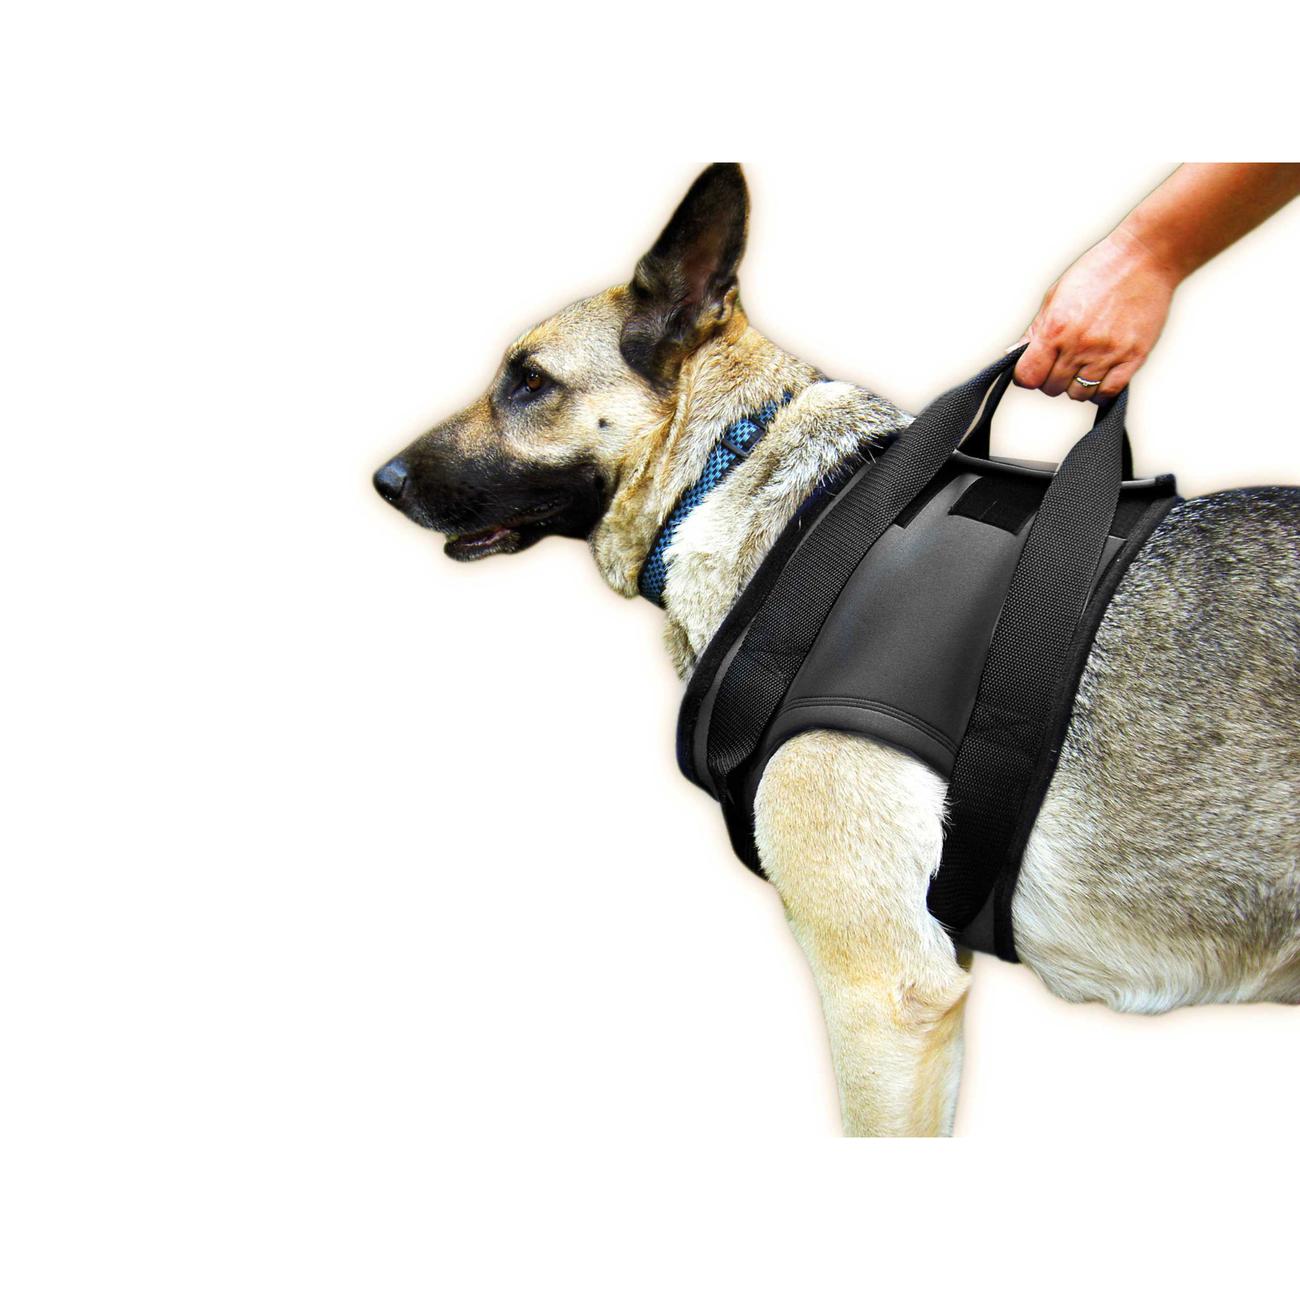 Julius K9 Hunde Gehhilfe für Vorderläufe, M: Brust 47-73 cm